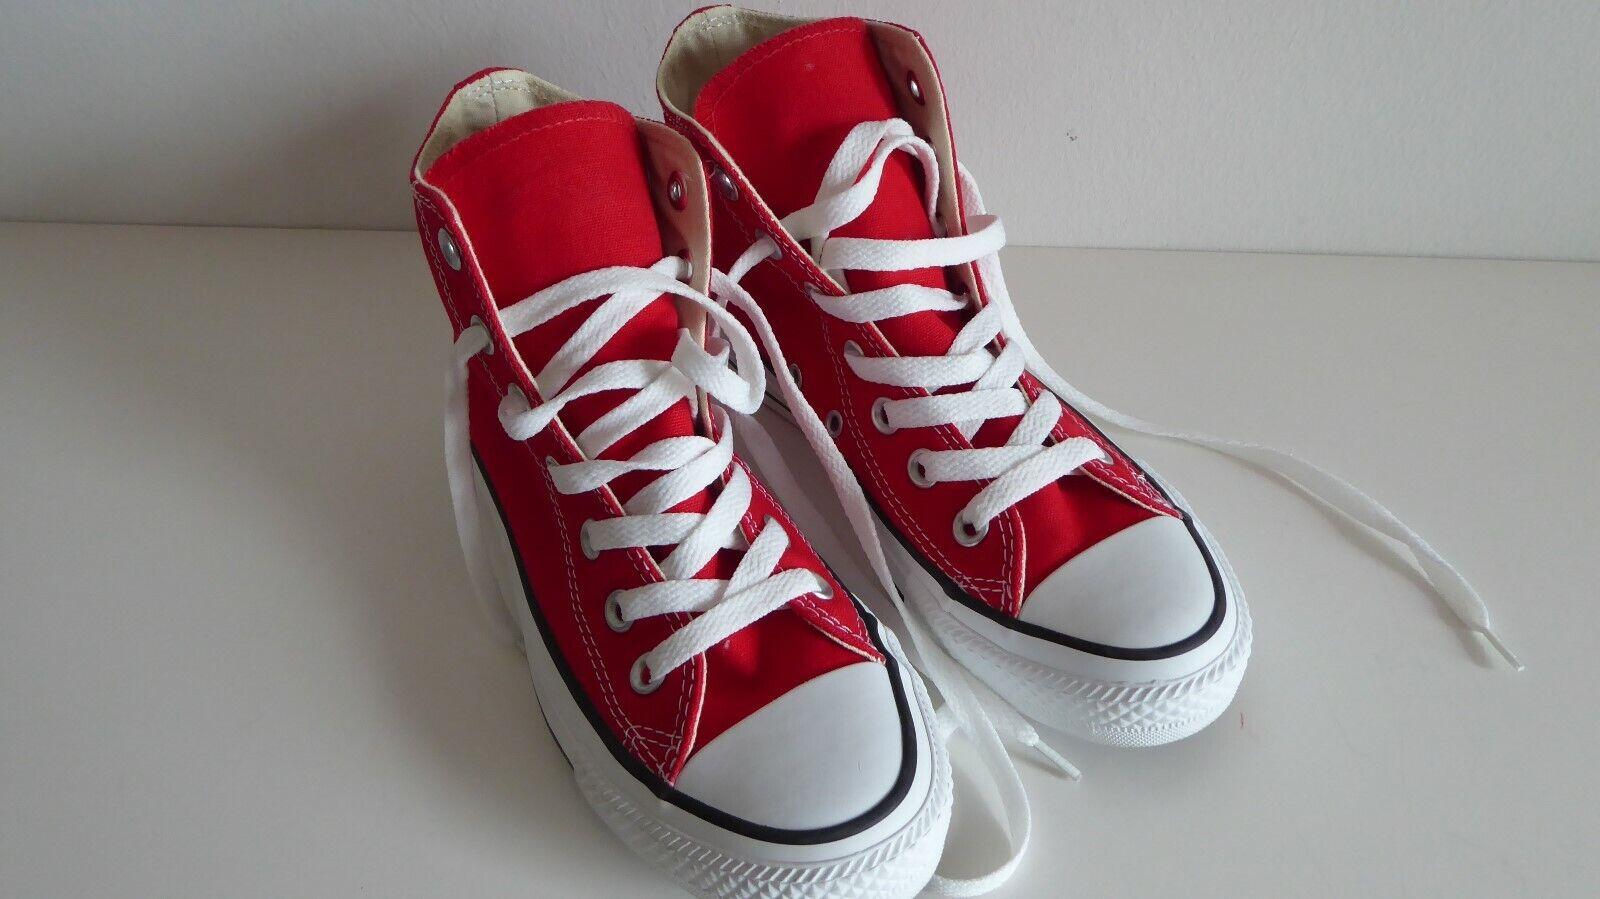 Neu Converse Chucks All Star Turnschuhe Schuhe Turnschuhe Damen Rot 36